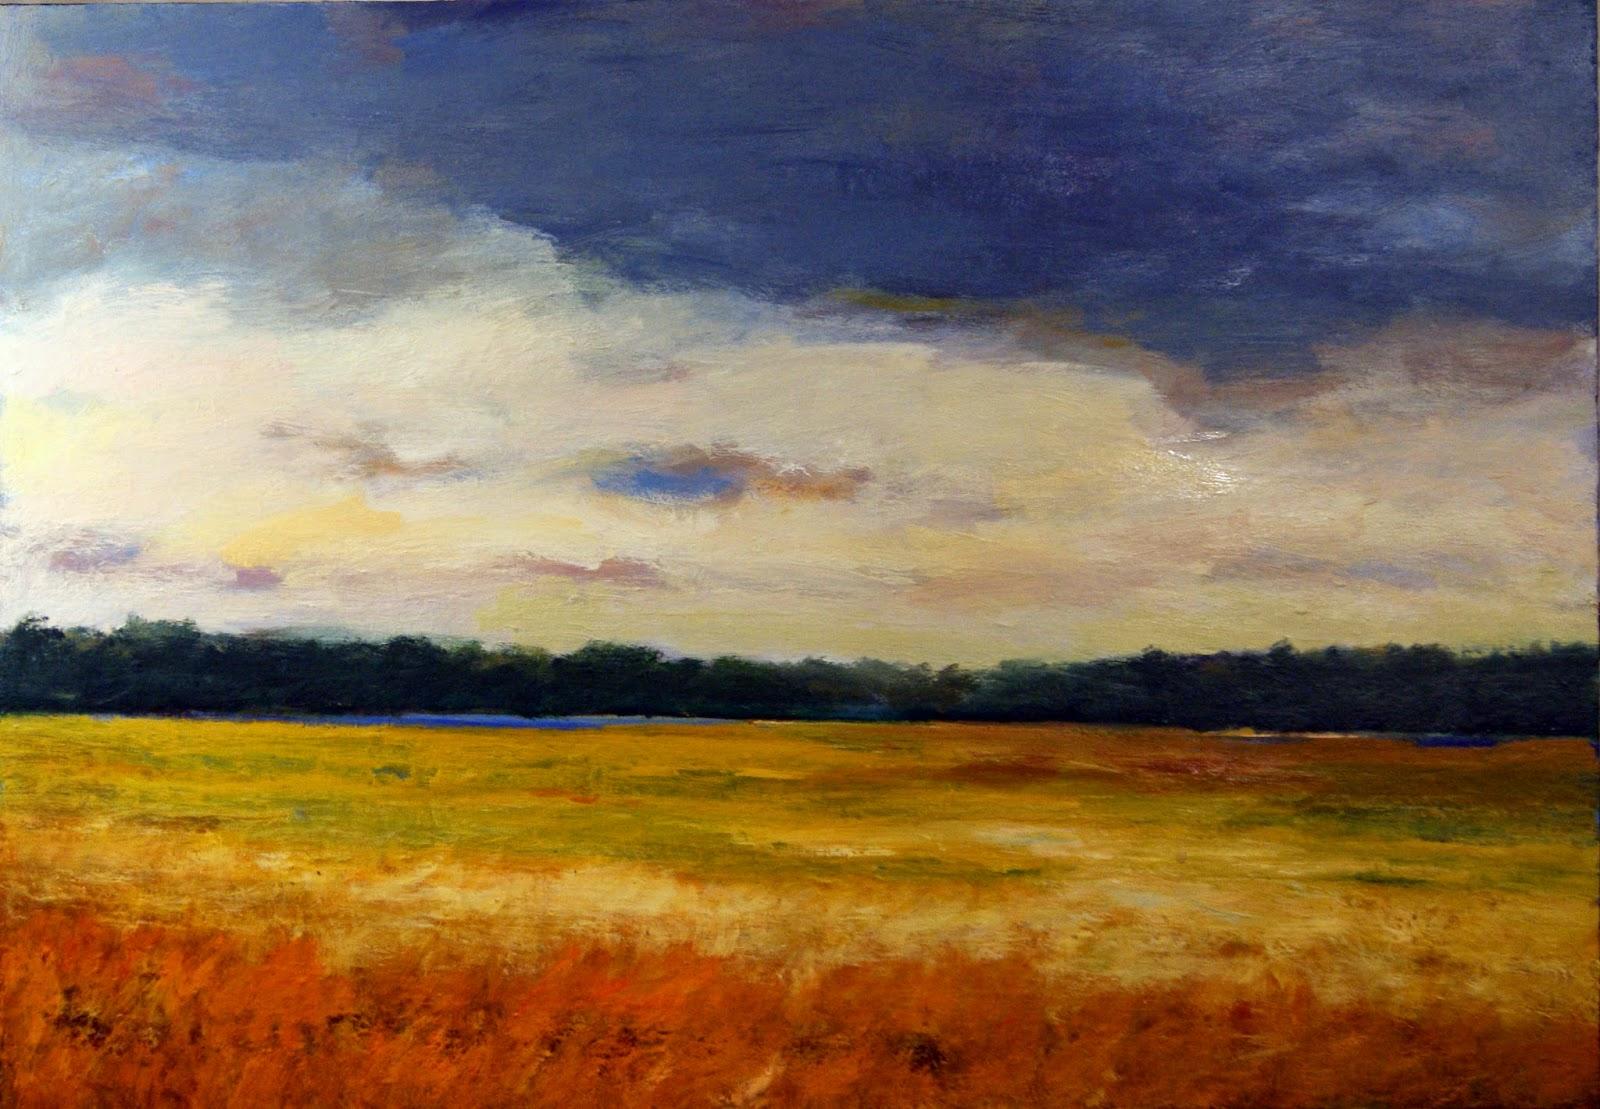 Abbas Darabi - Wheat Field